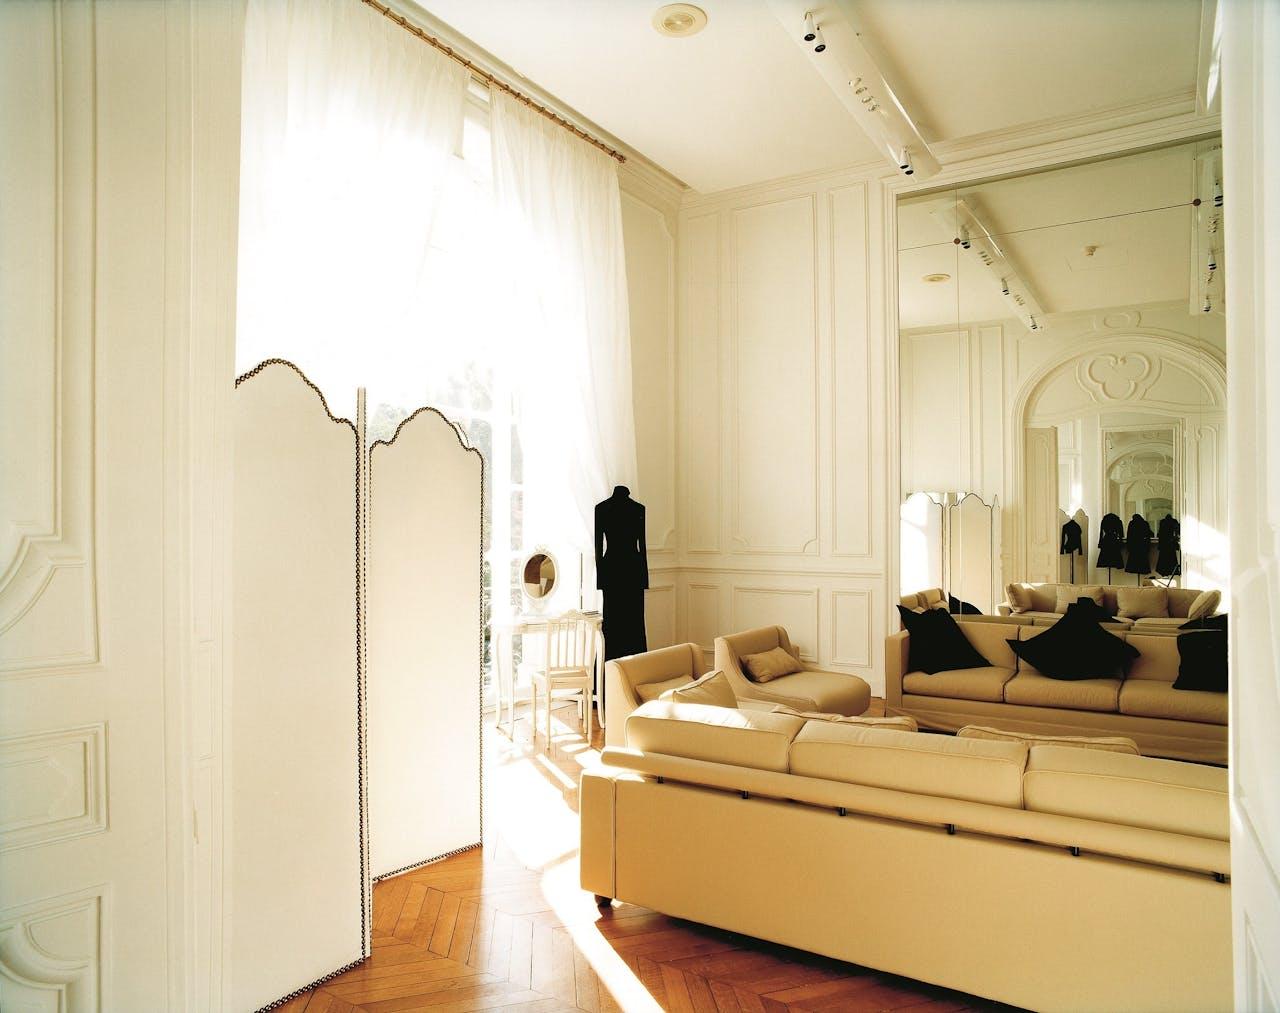 De paskamer van modehuis Givenchy, door Jacqueline Hassink. 'Hassink werkt langdurig en als een monnik aan fotoprojecten.'